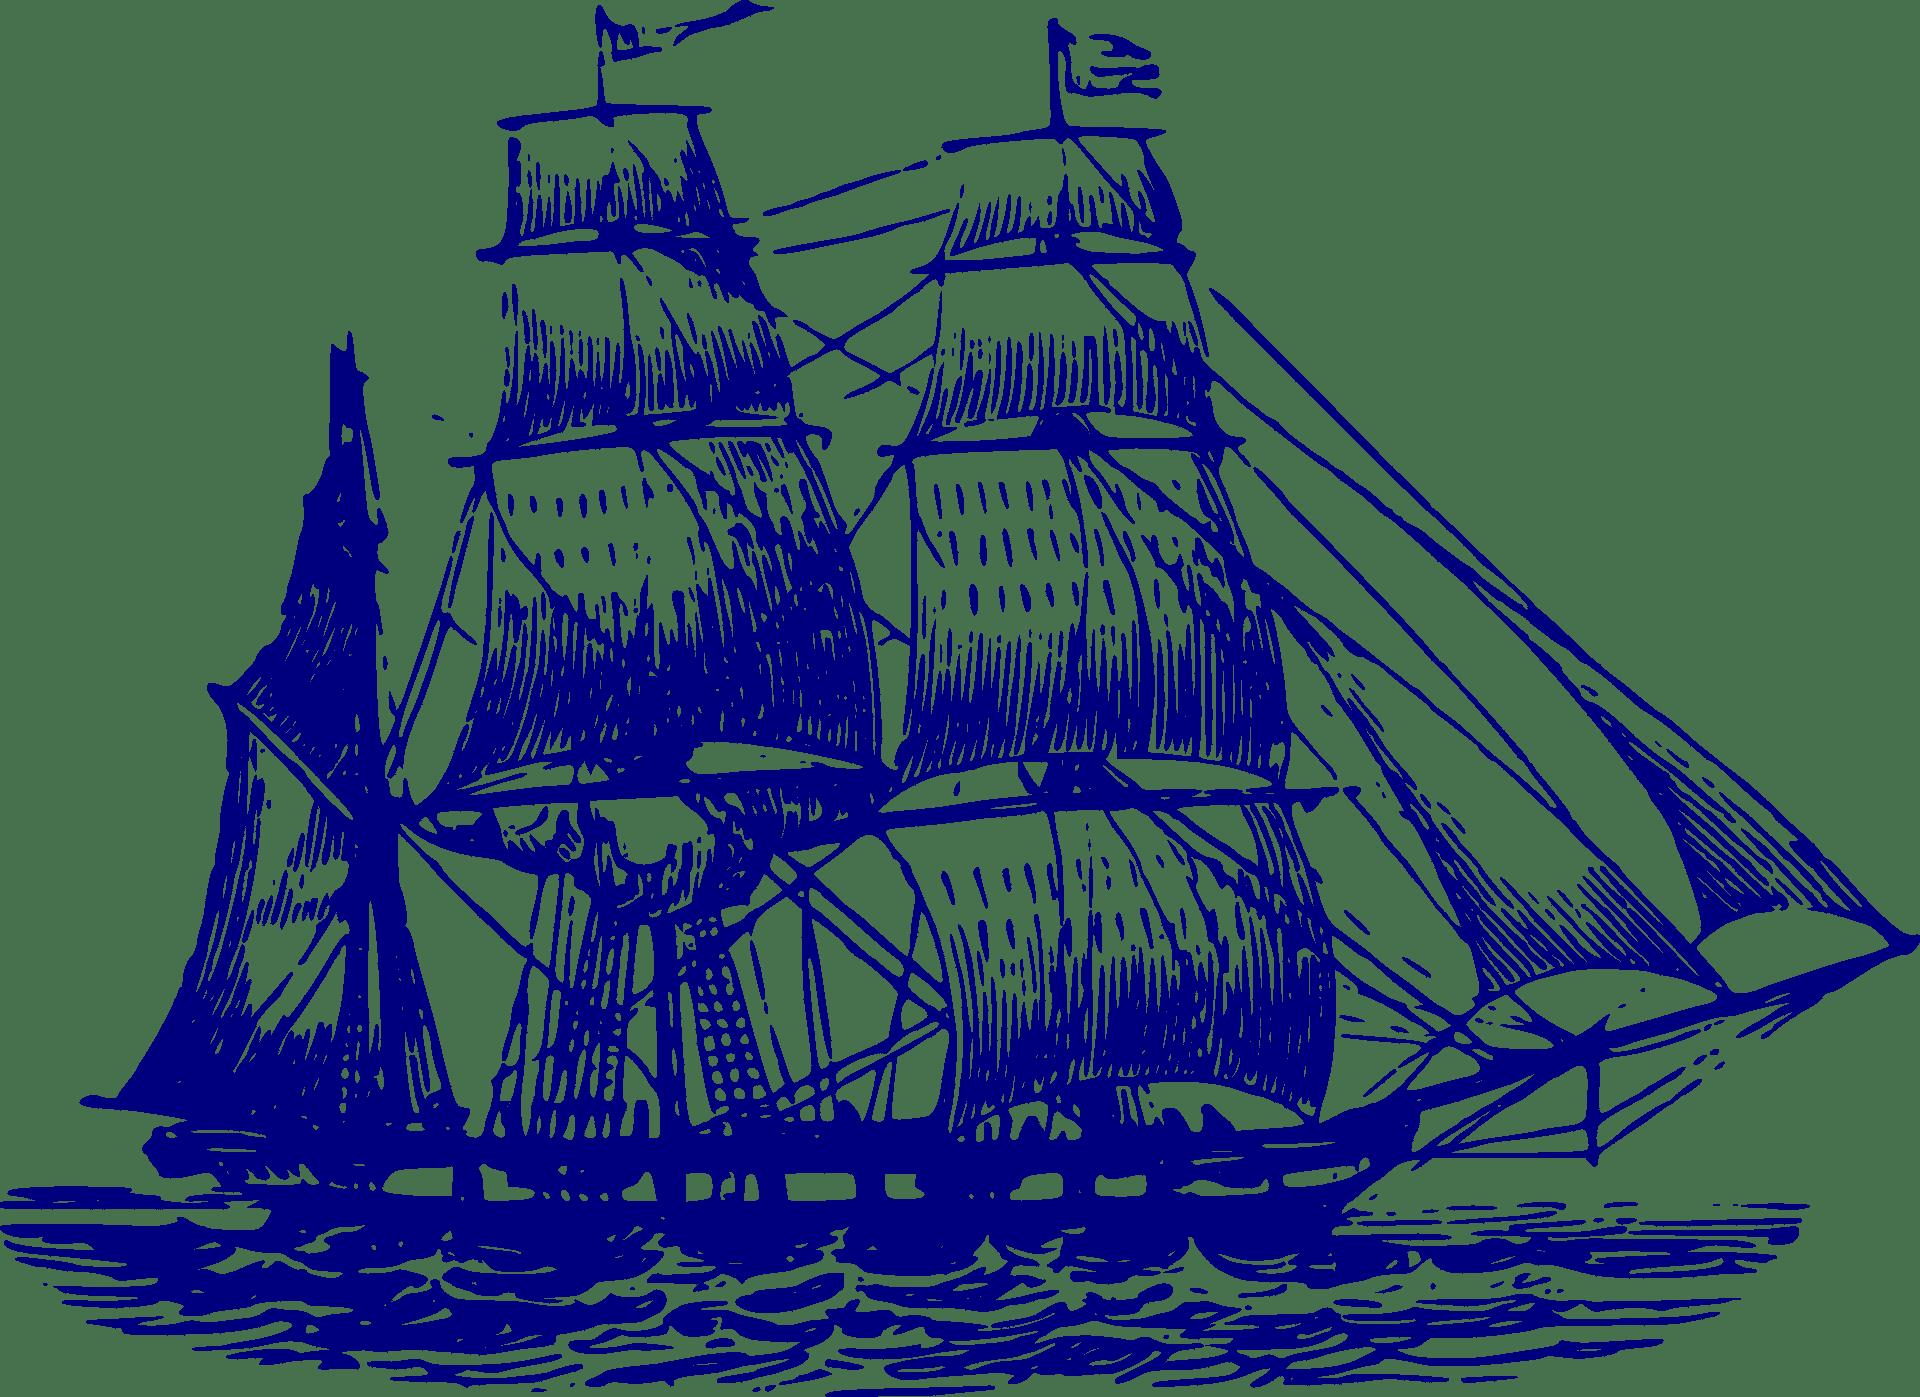 vintage illustration of old timey ship